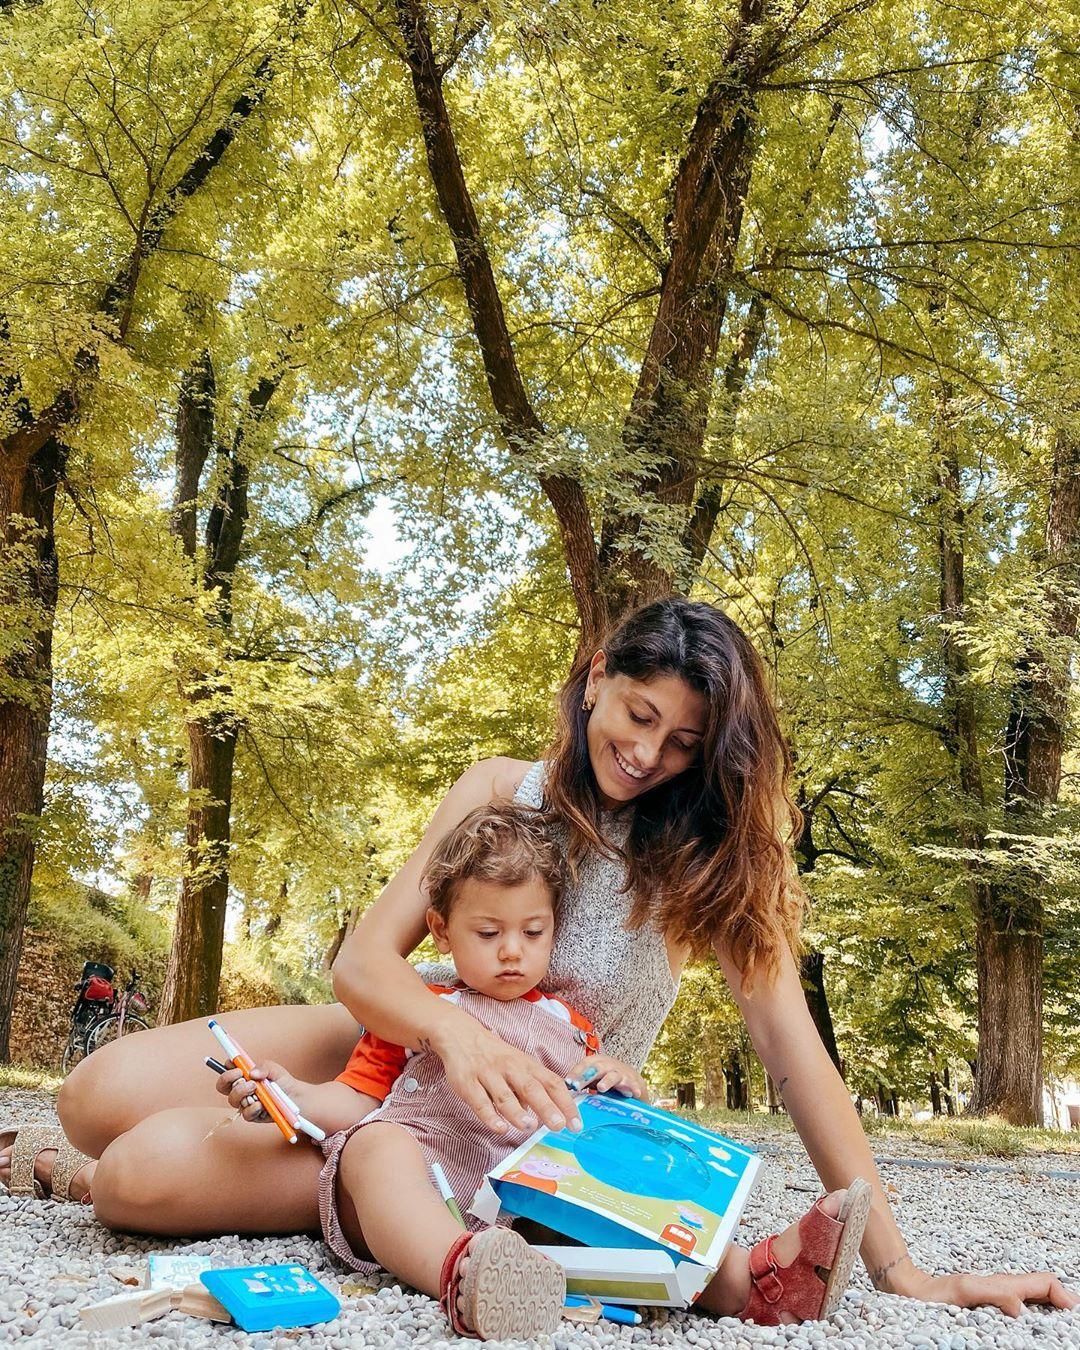 Giorgia Lucini, modella e influencer di Nettuno, oggi fidanzata con il cestista Federico Loschi con cui ha un figlio